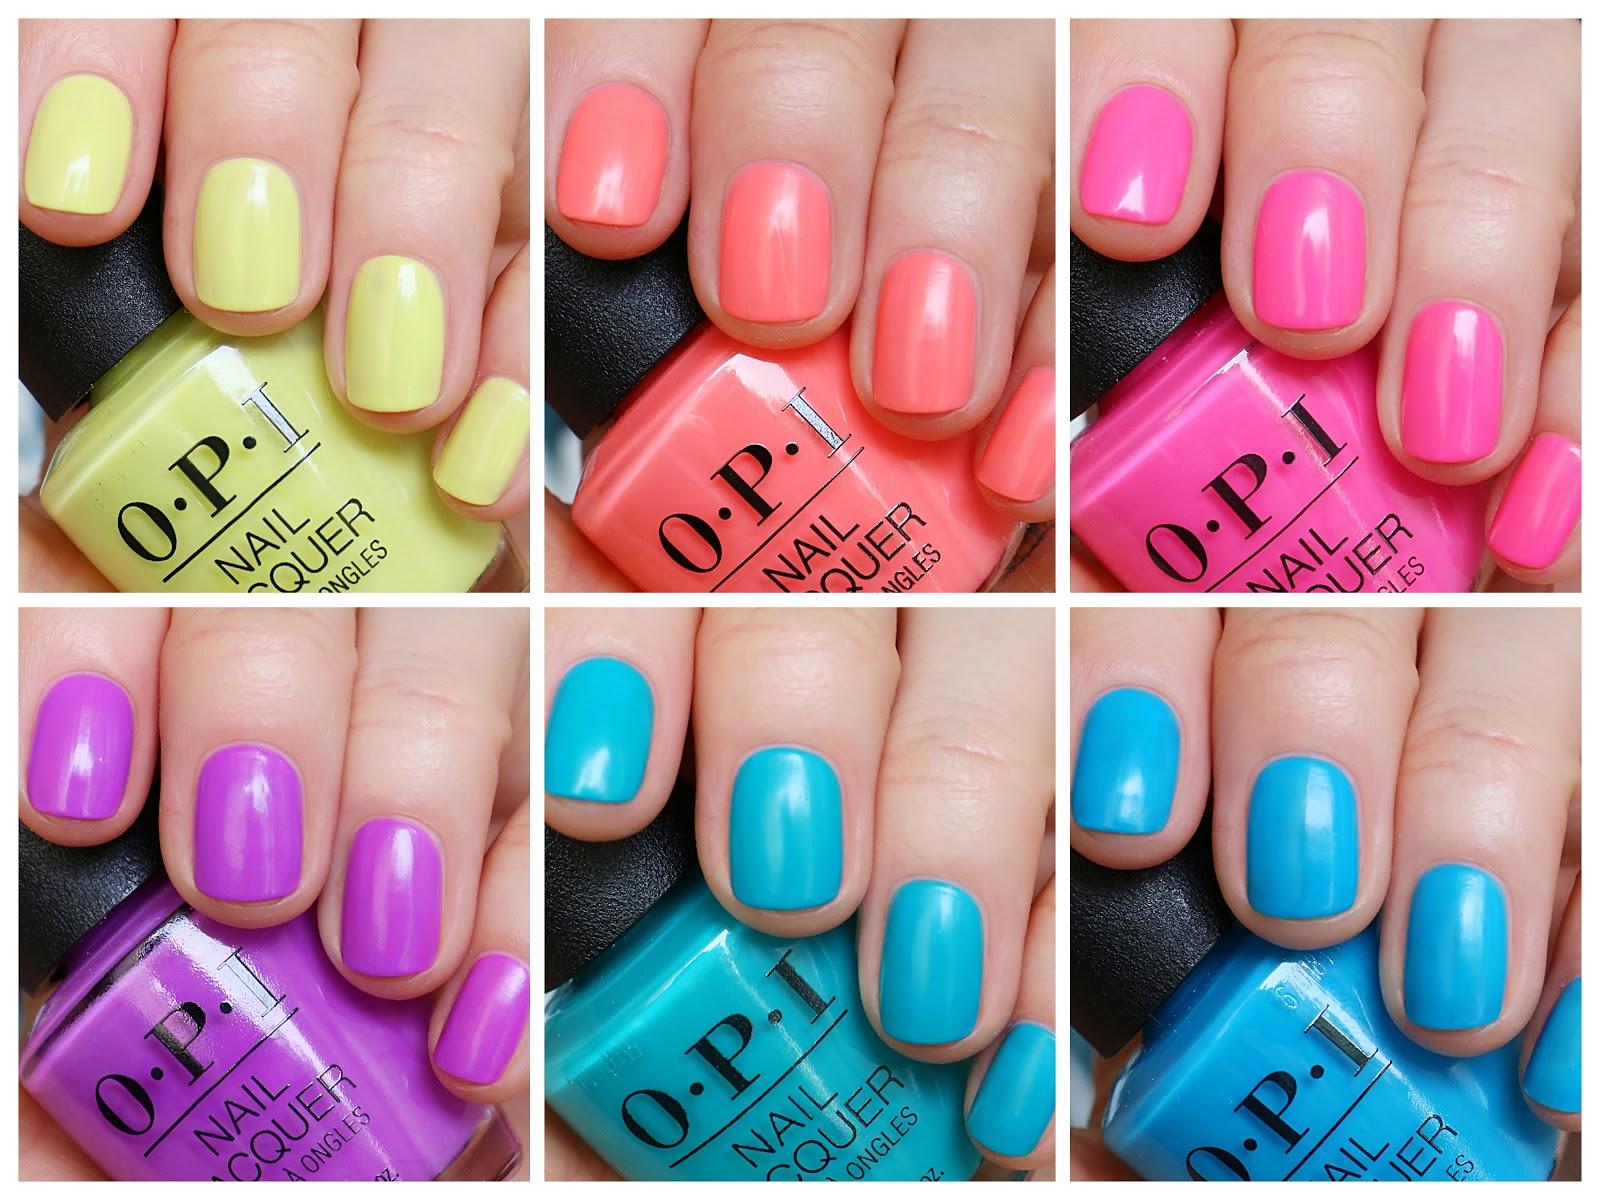 Lakierowa Mania Mani Beauty Blog Opi Kolekcja Neons By Opi